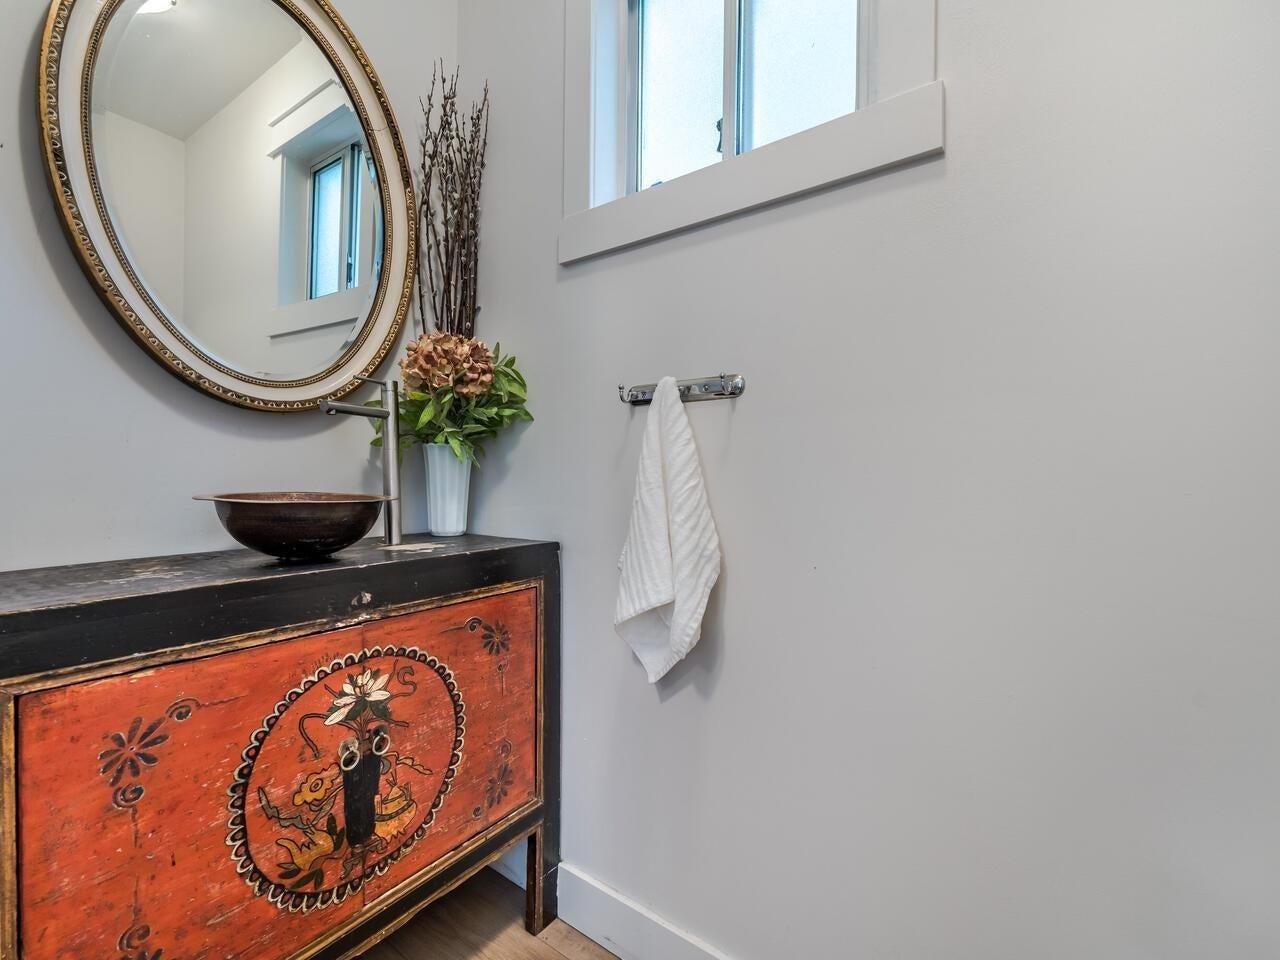 1231 E 11TH AVENUE - Mount Pleasant VE 1/2 Duplex for sale, 3 Bedrooms (R2625828) - #21